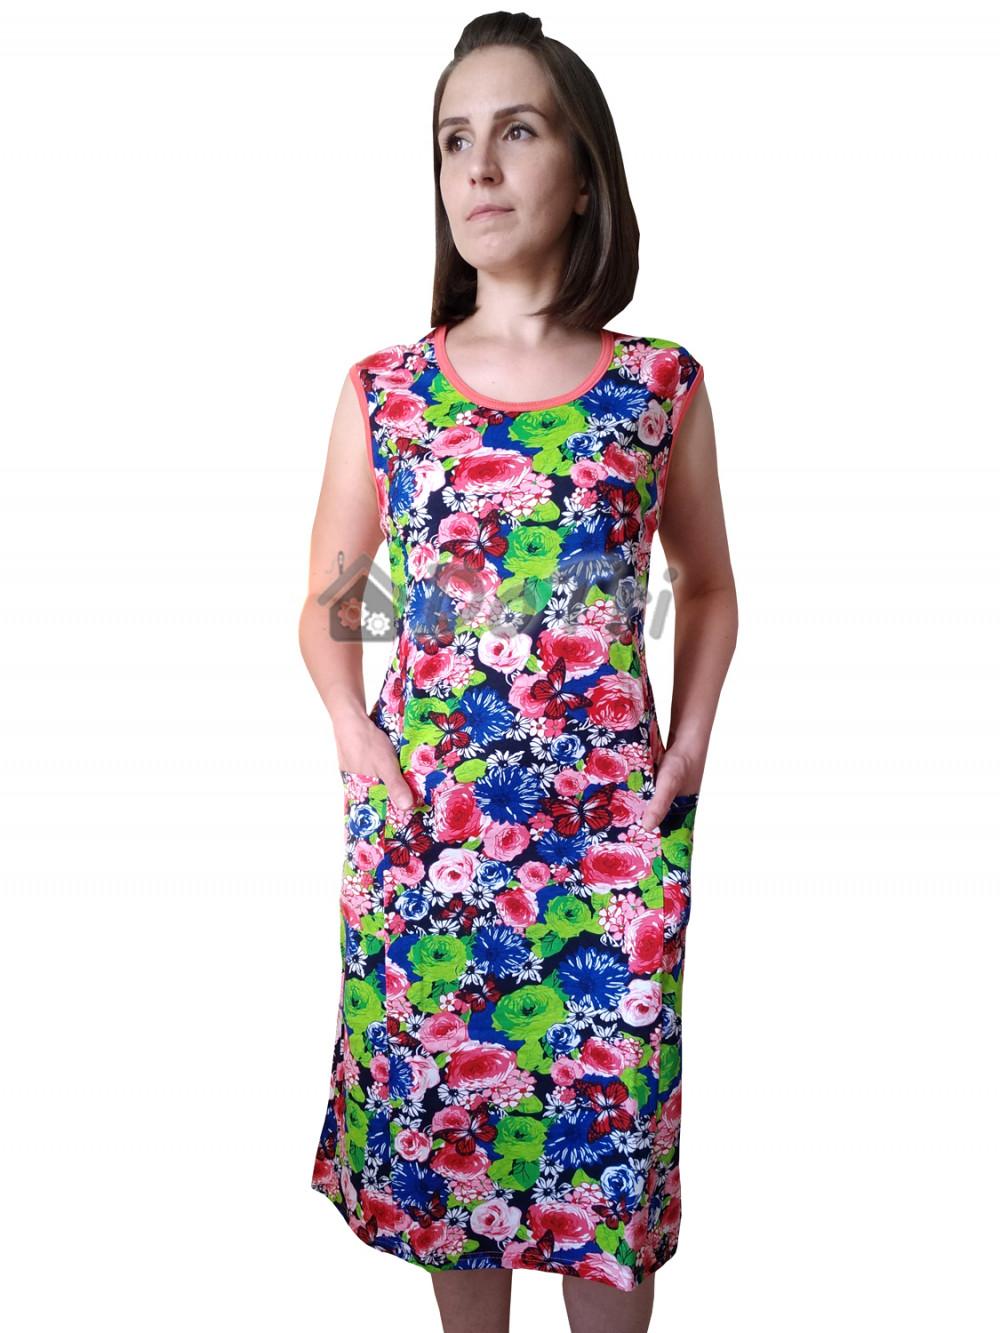 Увеличить - Платье арт 010 розы и бабочки, распродажа